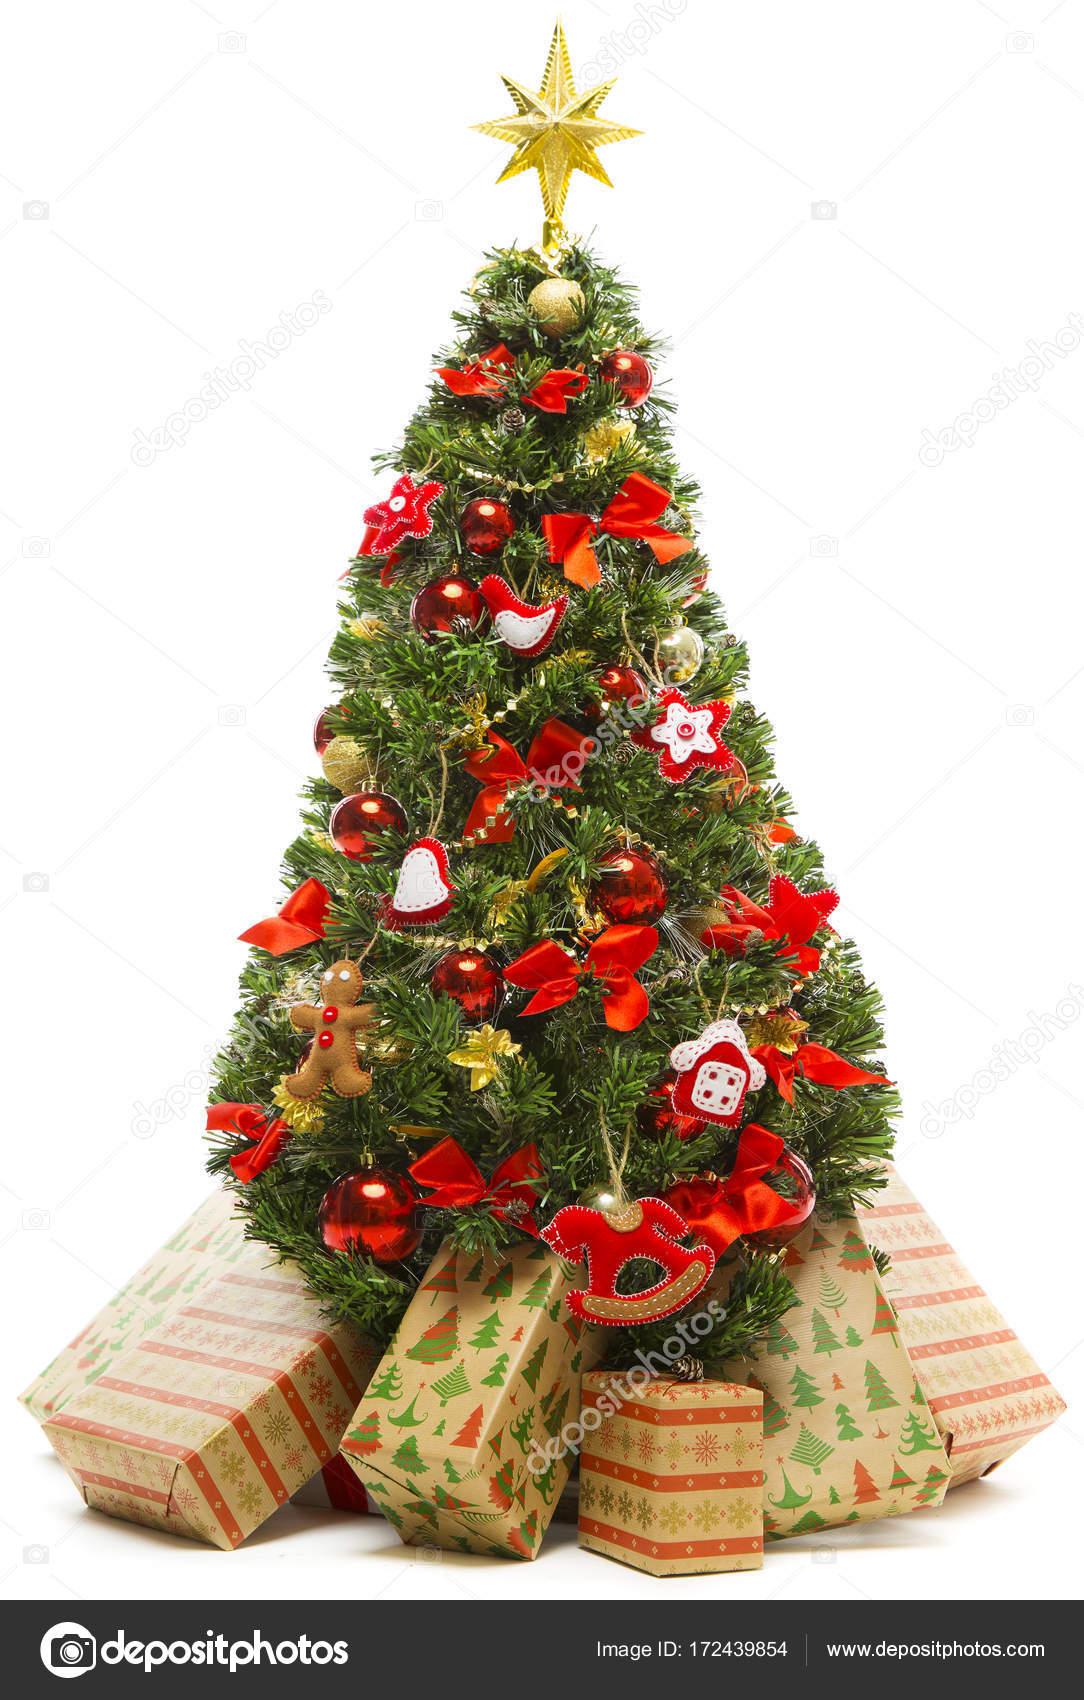 Dekoration Weihnachtsbaum.Weihnachtsbaum Dekoration Und Präsent Geschenk Boxen Weihnachtsbaum